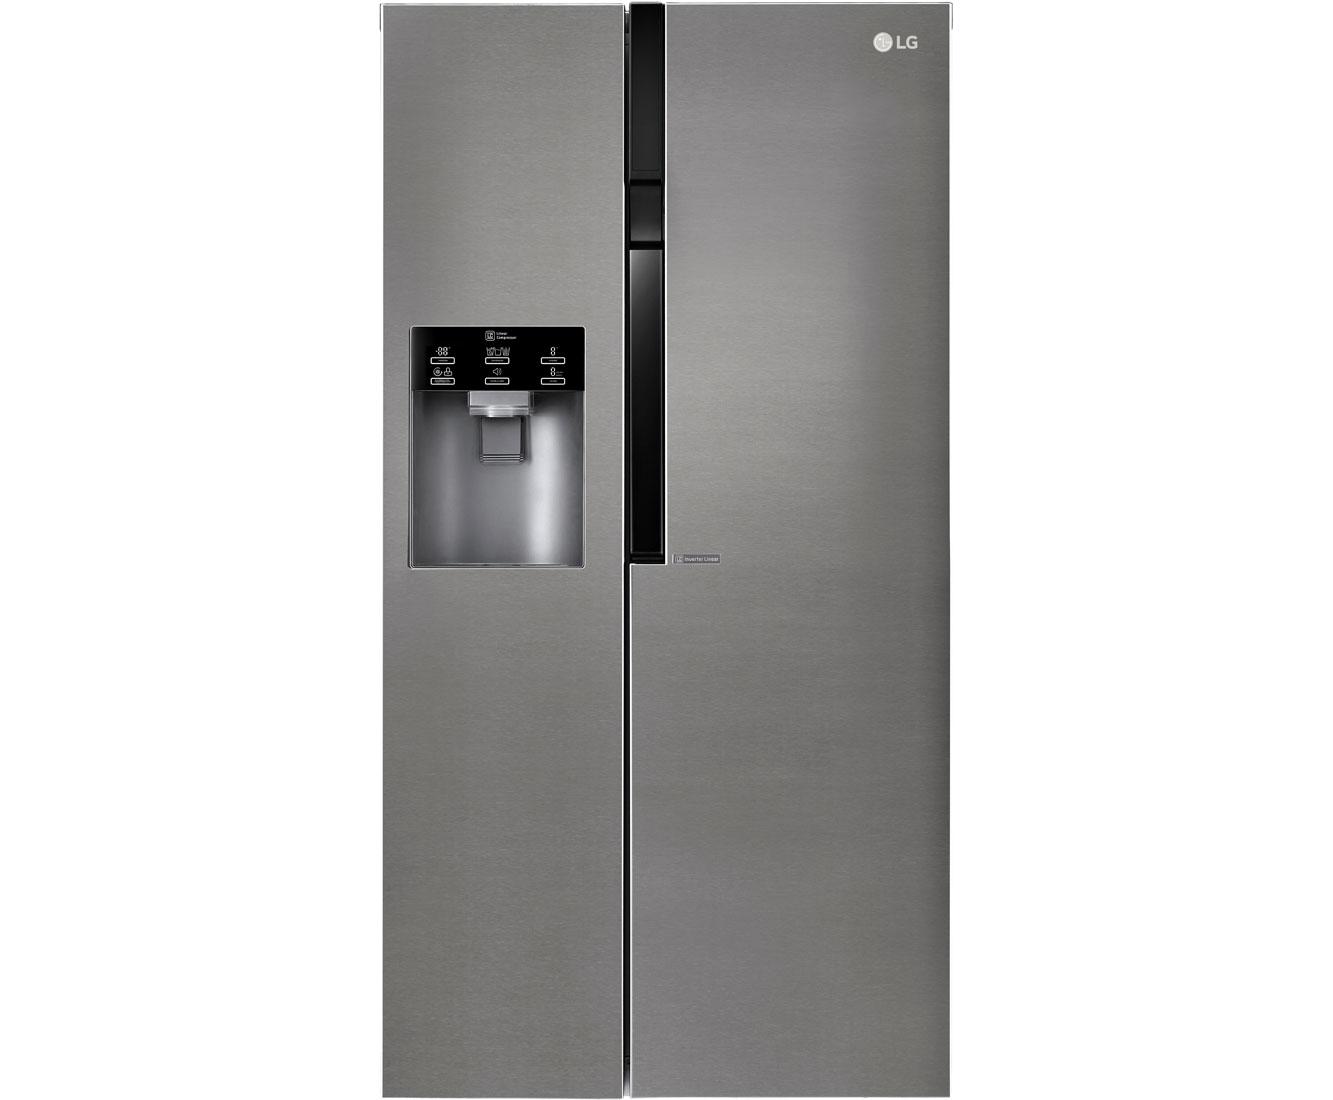 Amerikanischer Kühlschrank Anschlüsse : Lg gsl 360 icez amerikanischer side by side mit wasserspender 591l